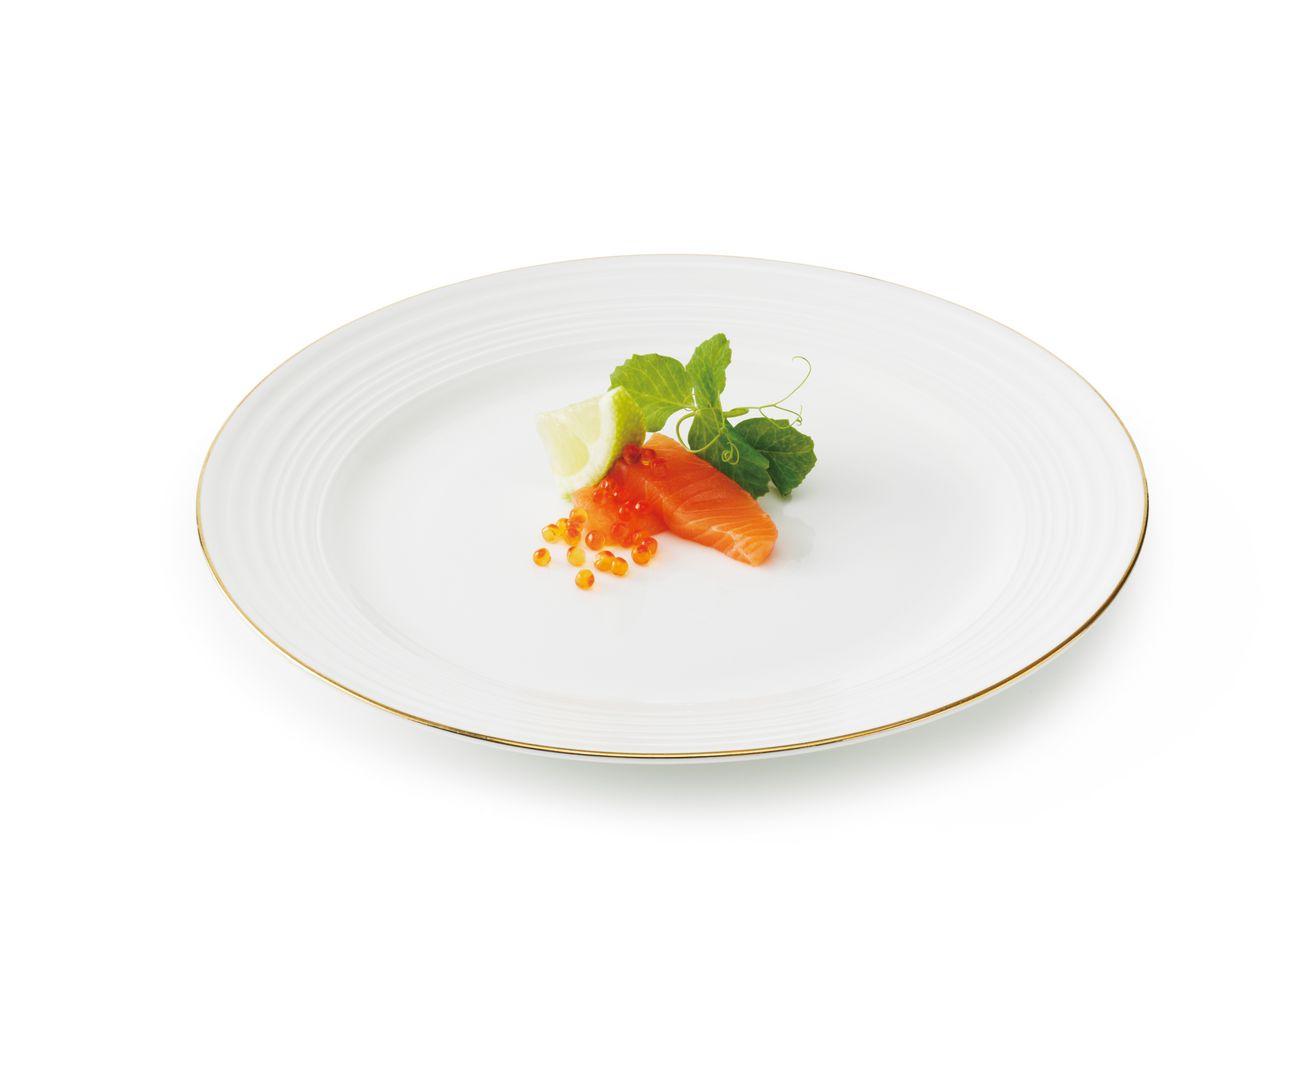 Набор тарелок обеденных Aida Passion, в подарочной упаковке, цвет: белый, диаметр 23 см, 4 предмета. 19486 набор обеденных тарелок lsa dine цвет белый диаметр 27 см 4 шт